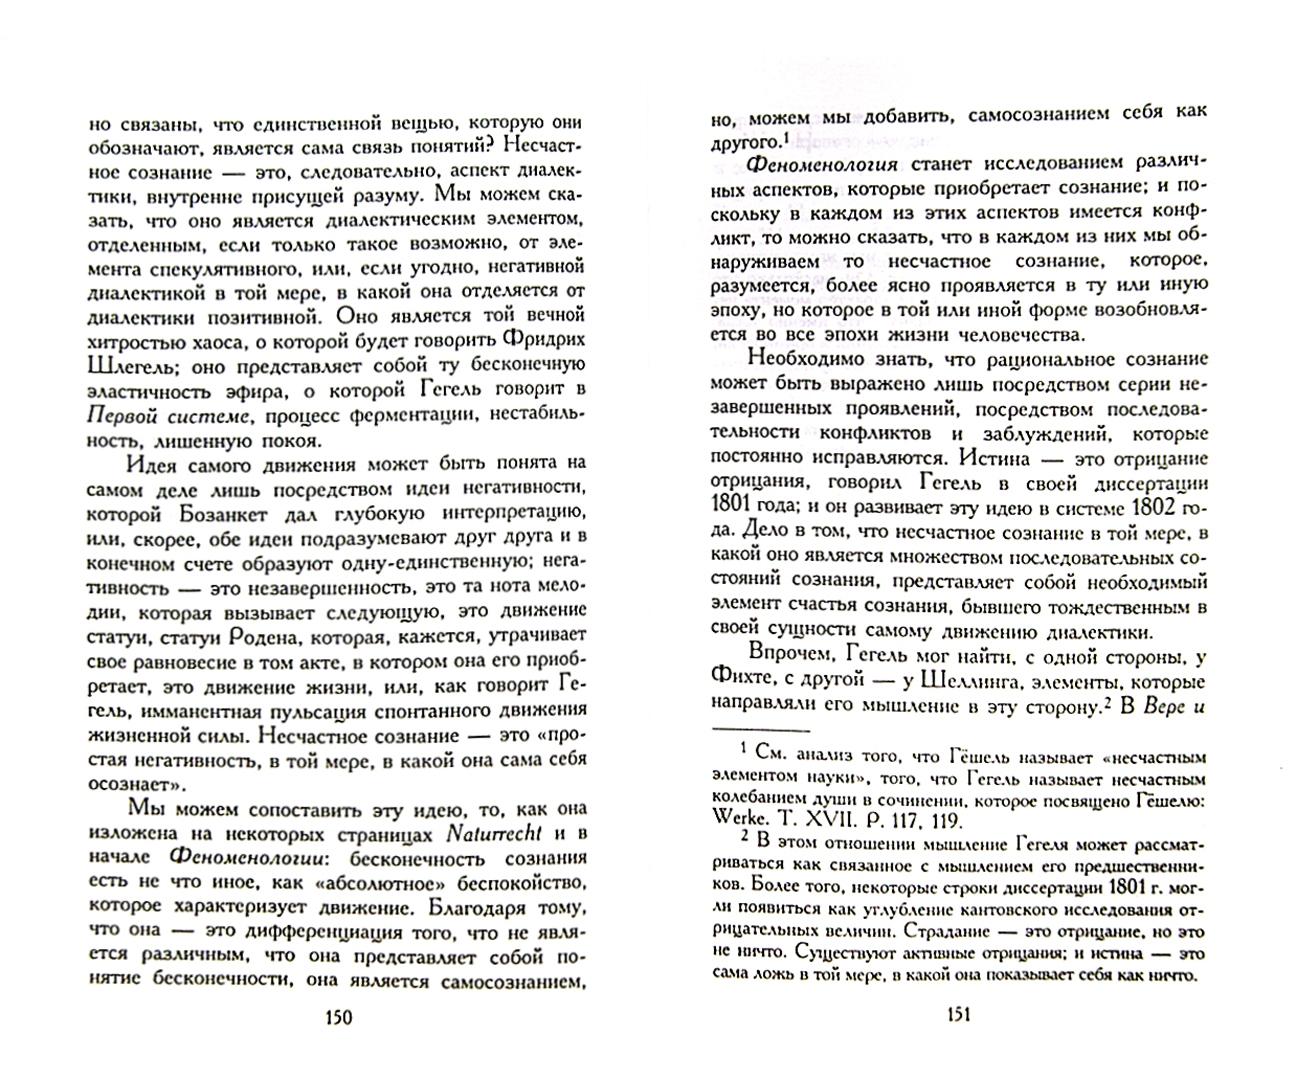 Иллюстрация 1 из 13 для Несчастное сознание в философии Гегеля - Жан Валь | Лабиринт - книги. Источник: Лабиринт